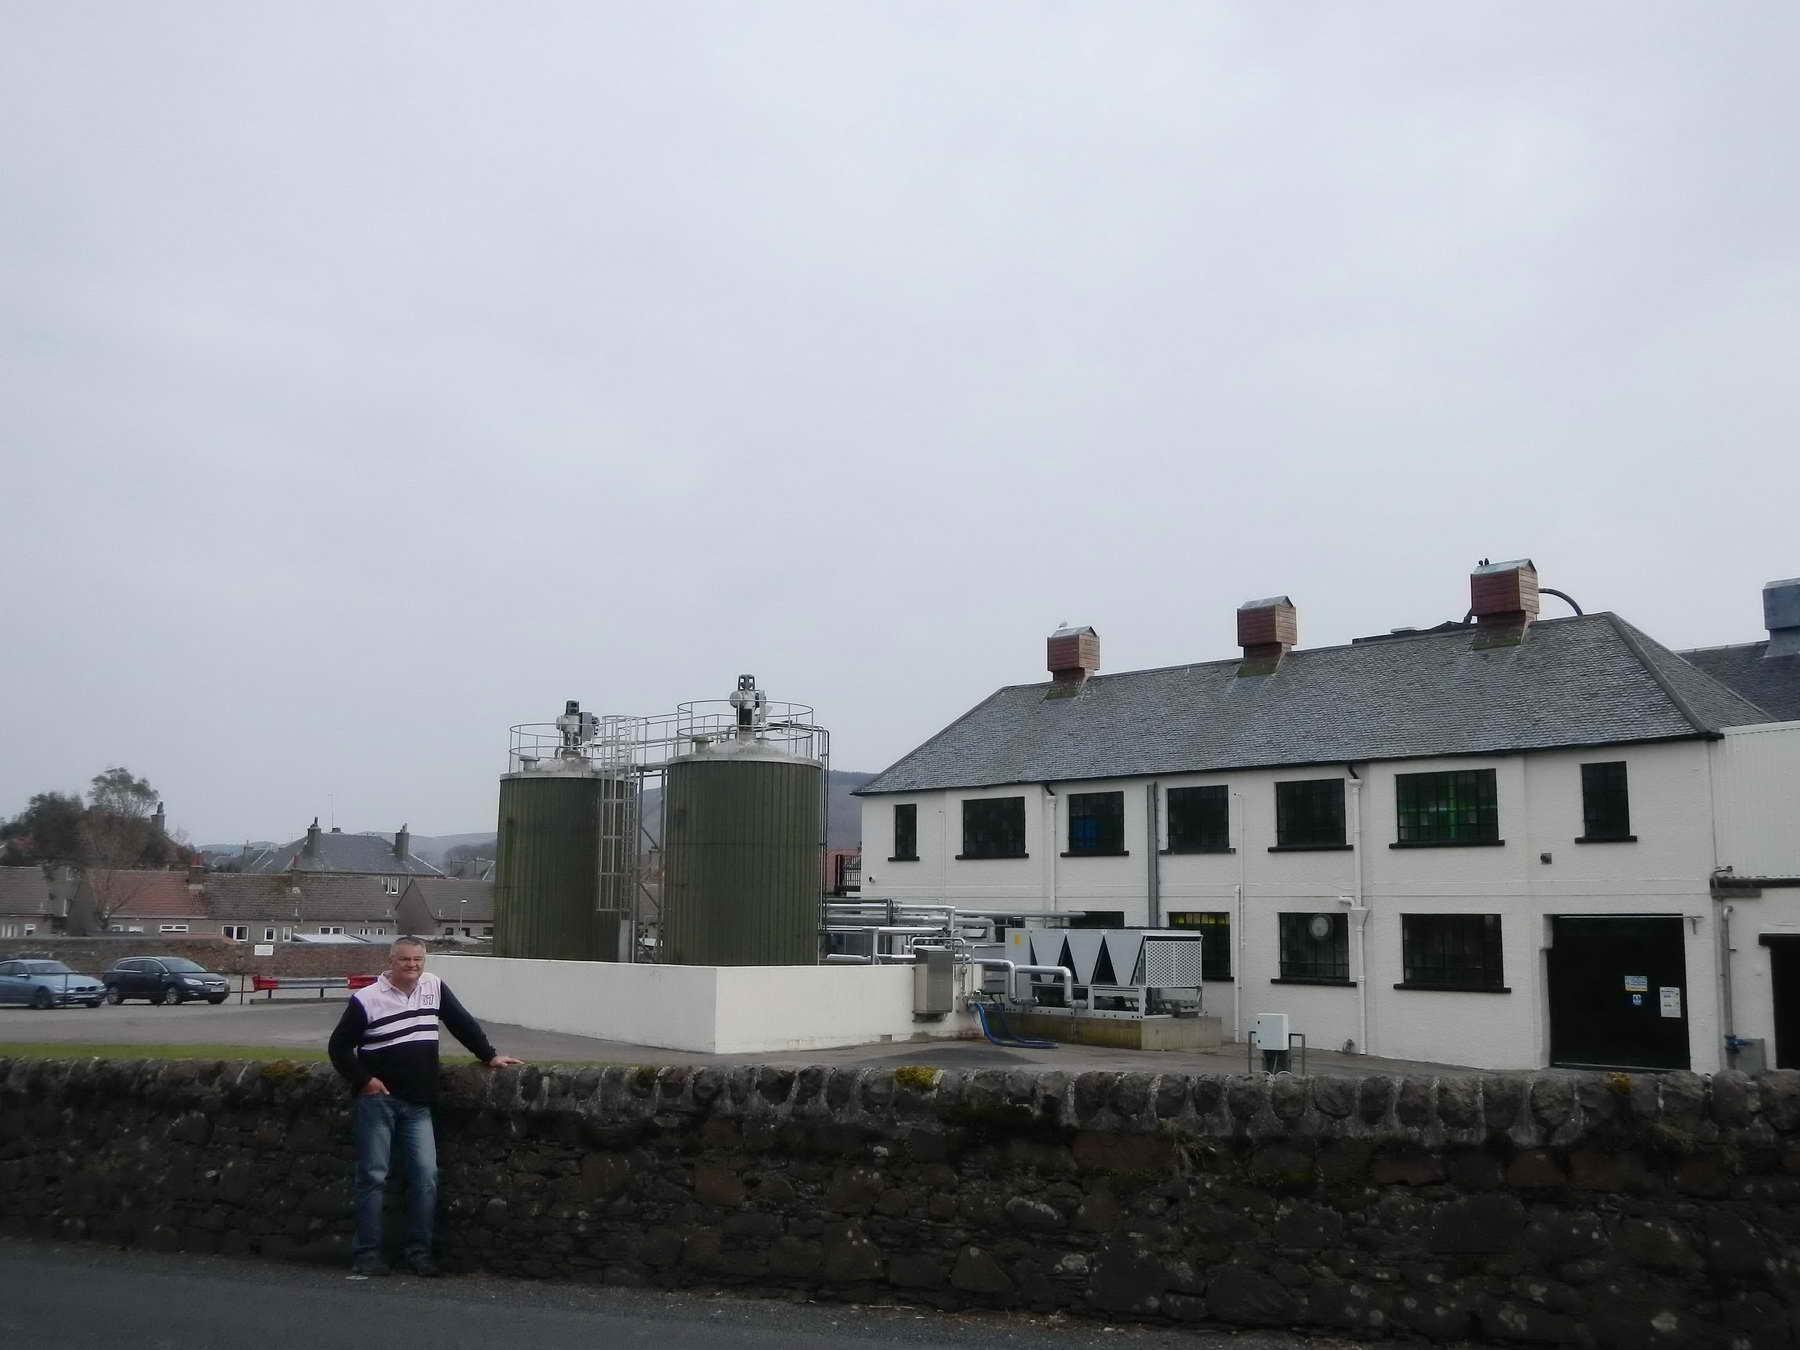 https://static.blog4ever.com/2014/01/761430/Meadowburn--Burnside-distilleries-03.jpg